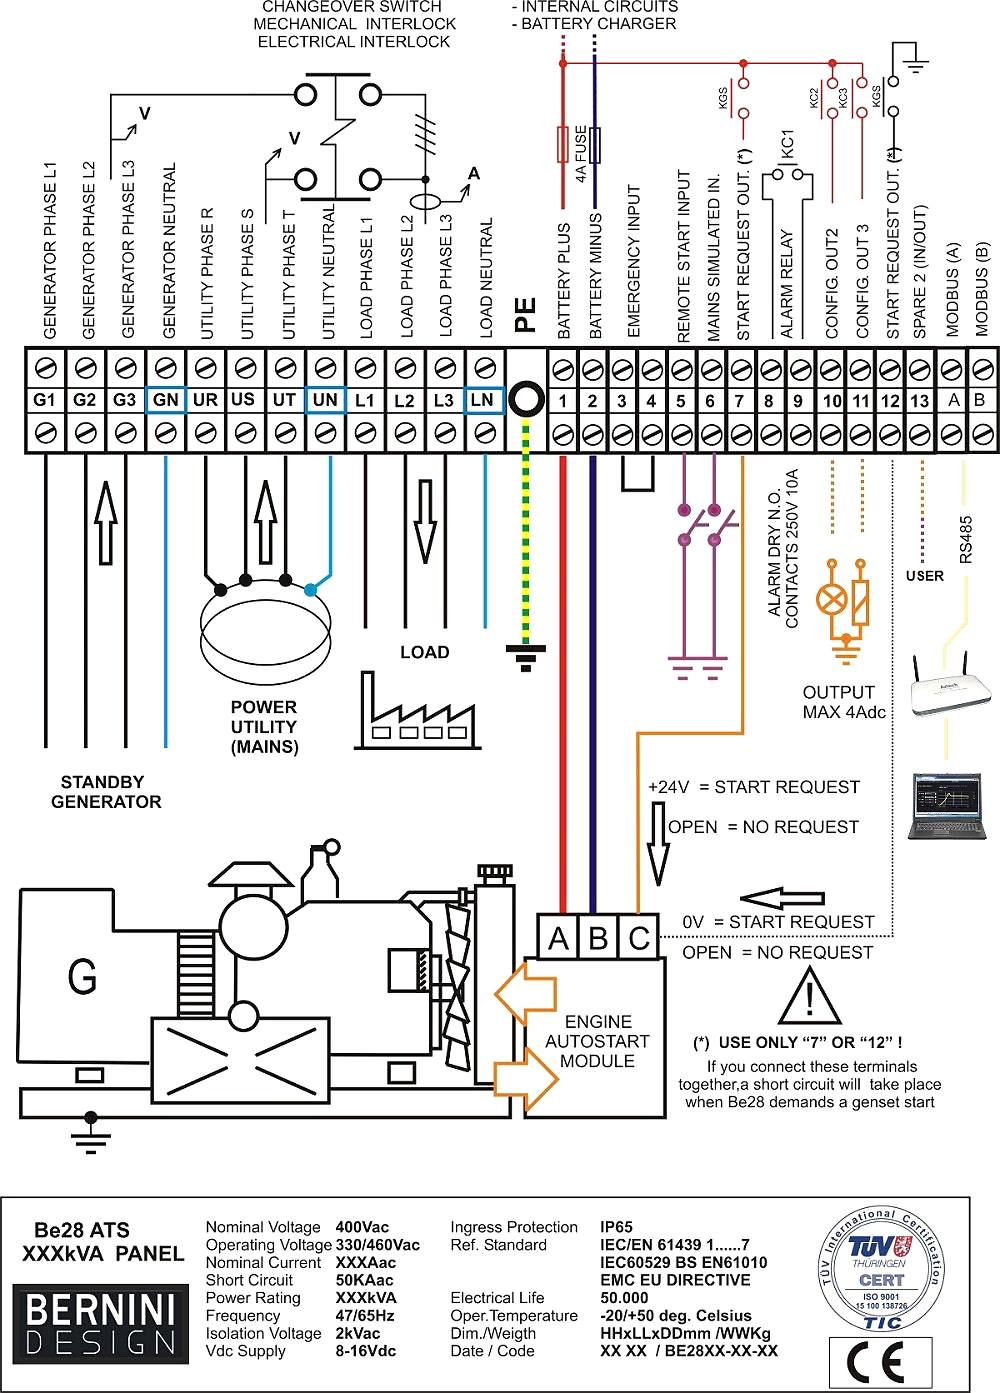 [SCHEMATICS_48YU]  KG_9724] Wiring Diagram Starter 6500Gp Generac Free Diagram | Wiring Diagram Starter 6500gp Generac |  | Socad Alma Adit Gue45 Mohammedshrine Librar Wiring 101